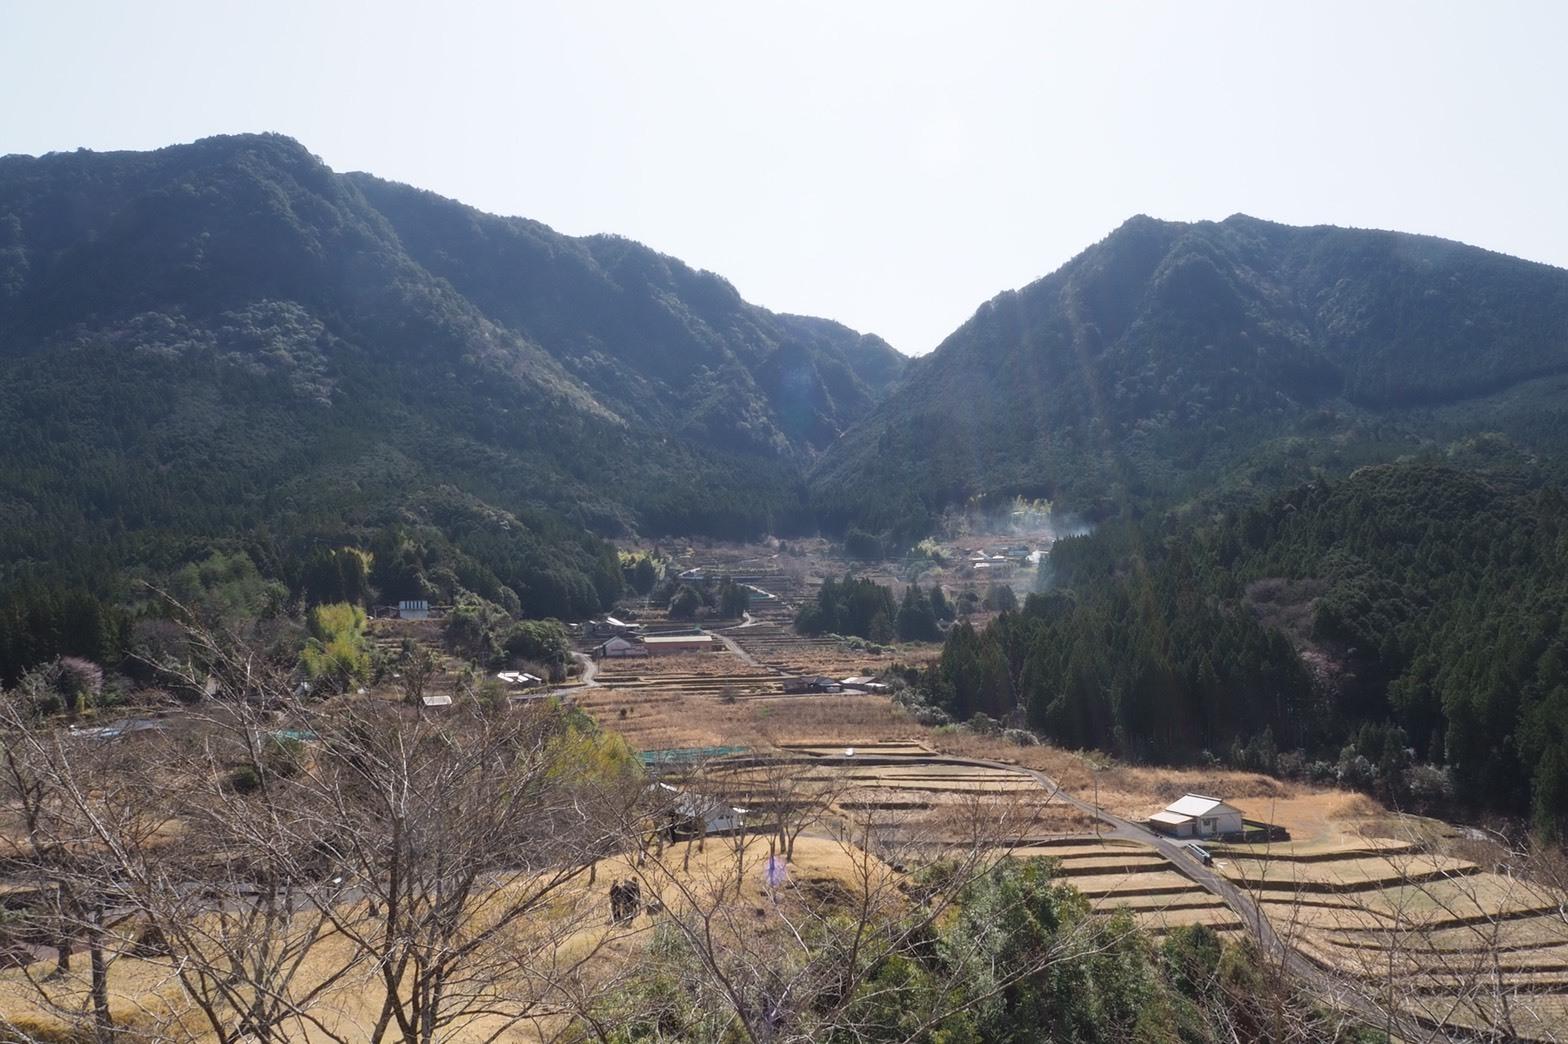 ぴーきち&ダイナ 紀伊半島ツーリング 三重県熊野市 赤木城跡 頂上の景色